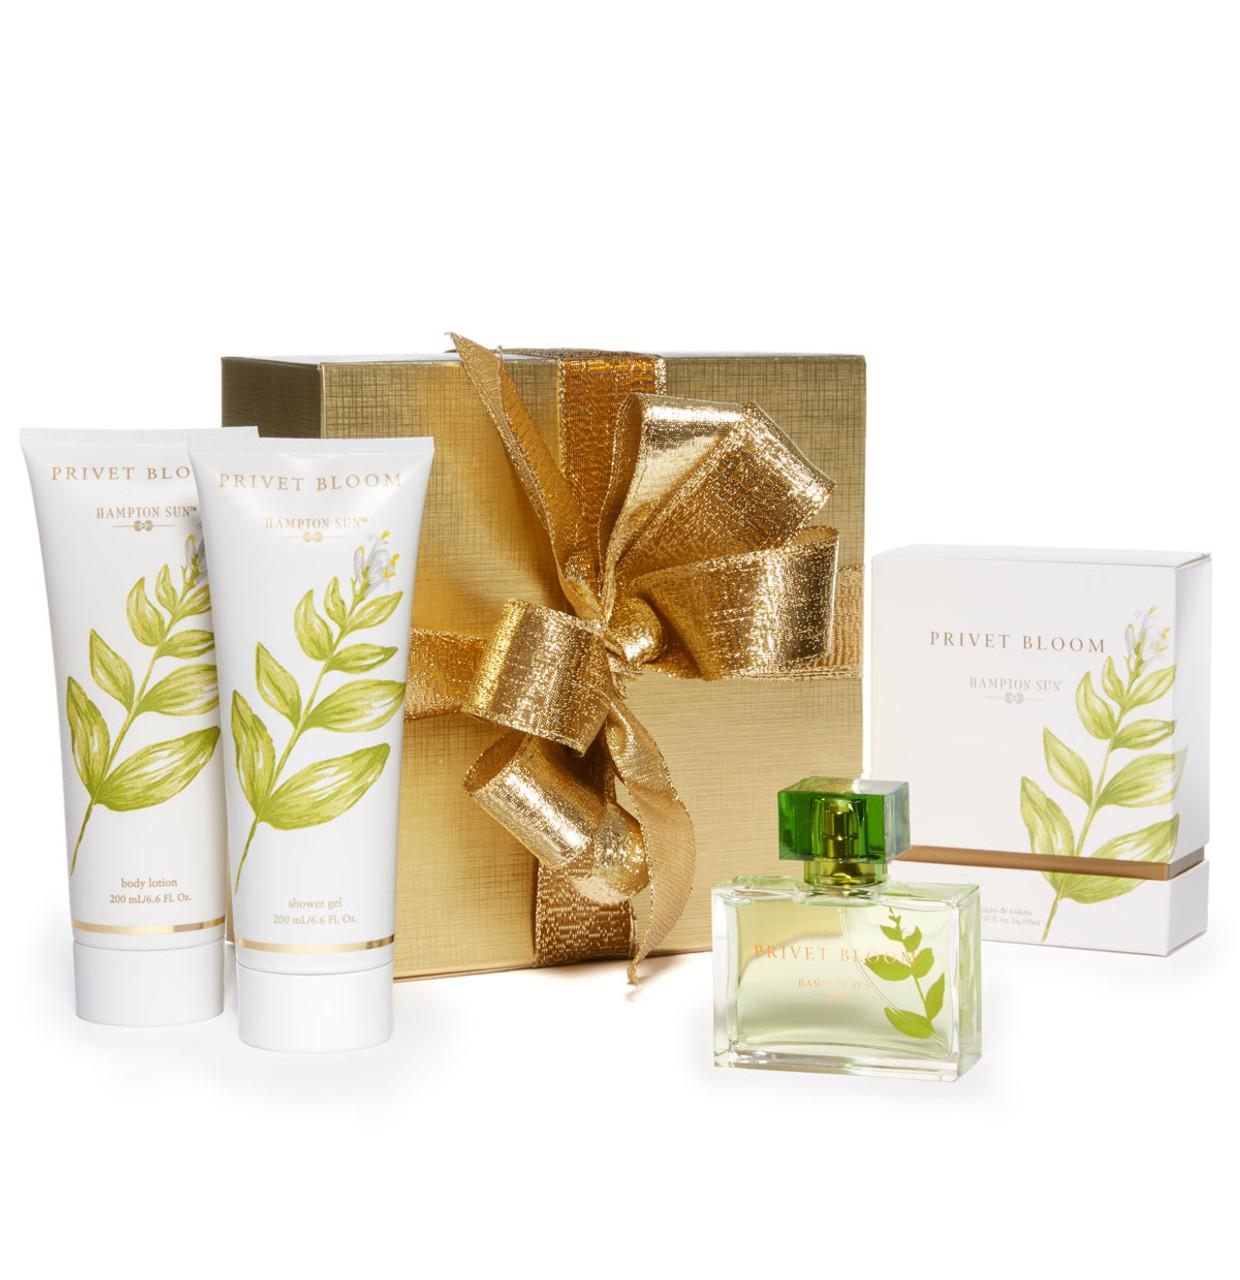 Privet Bloom Gift Set